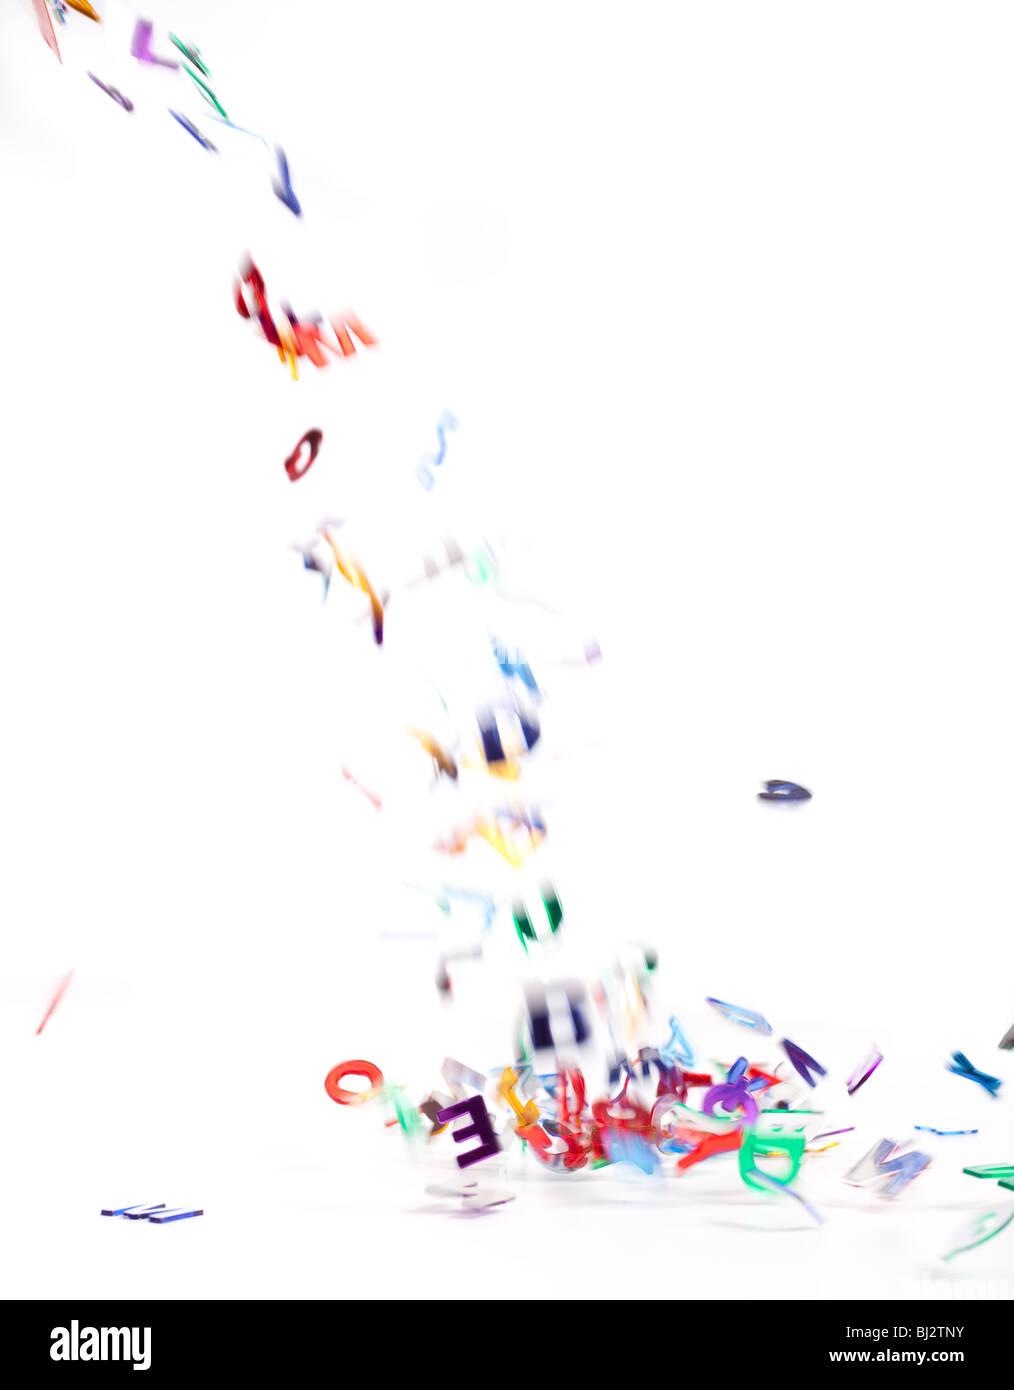 Letras en blanco Imagen De Stock